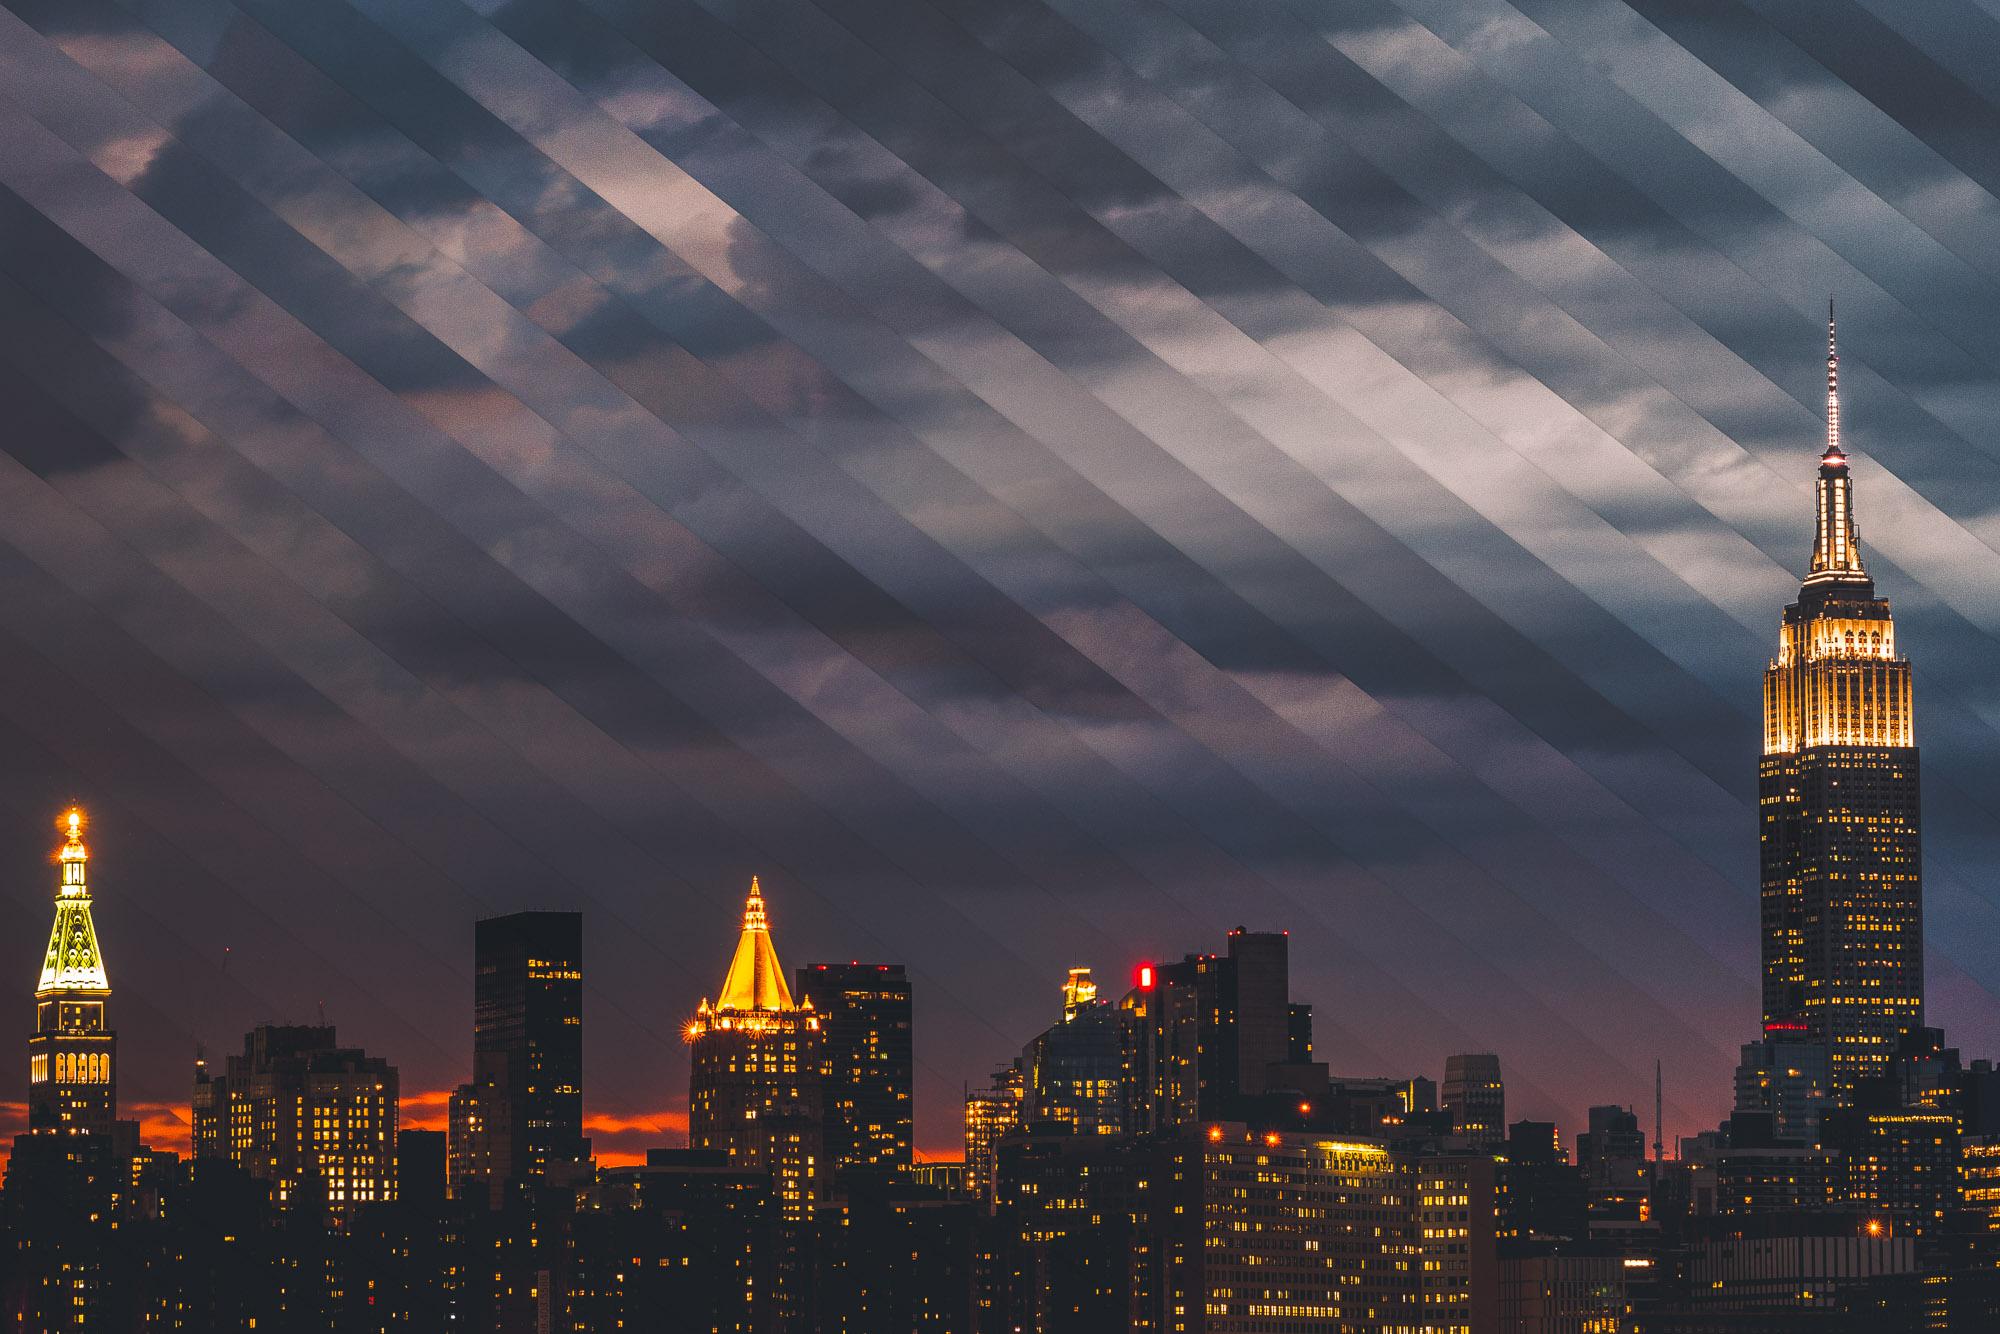 Timeslice Manhattan in 34 photos